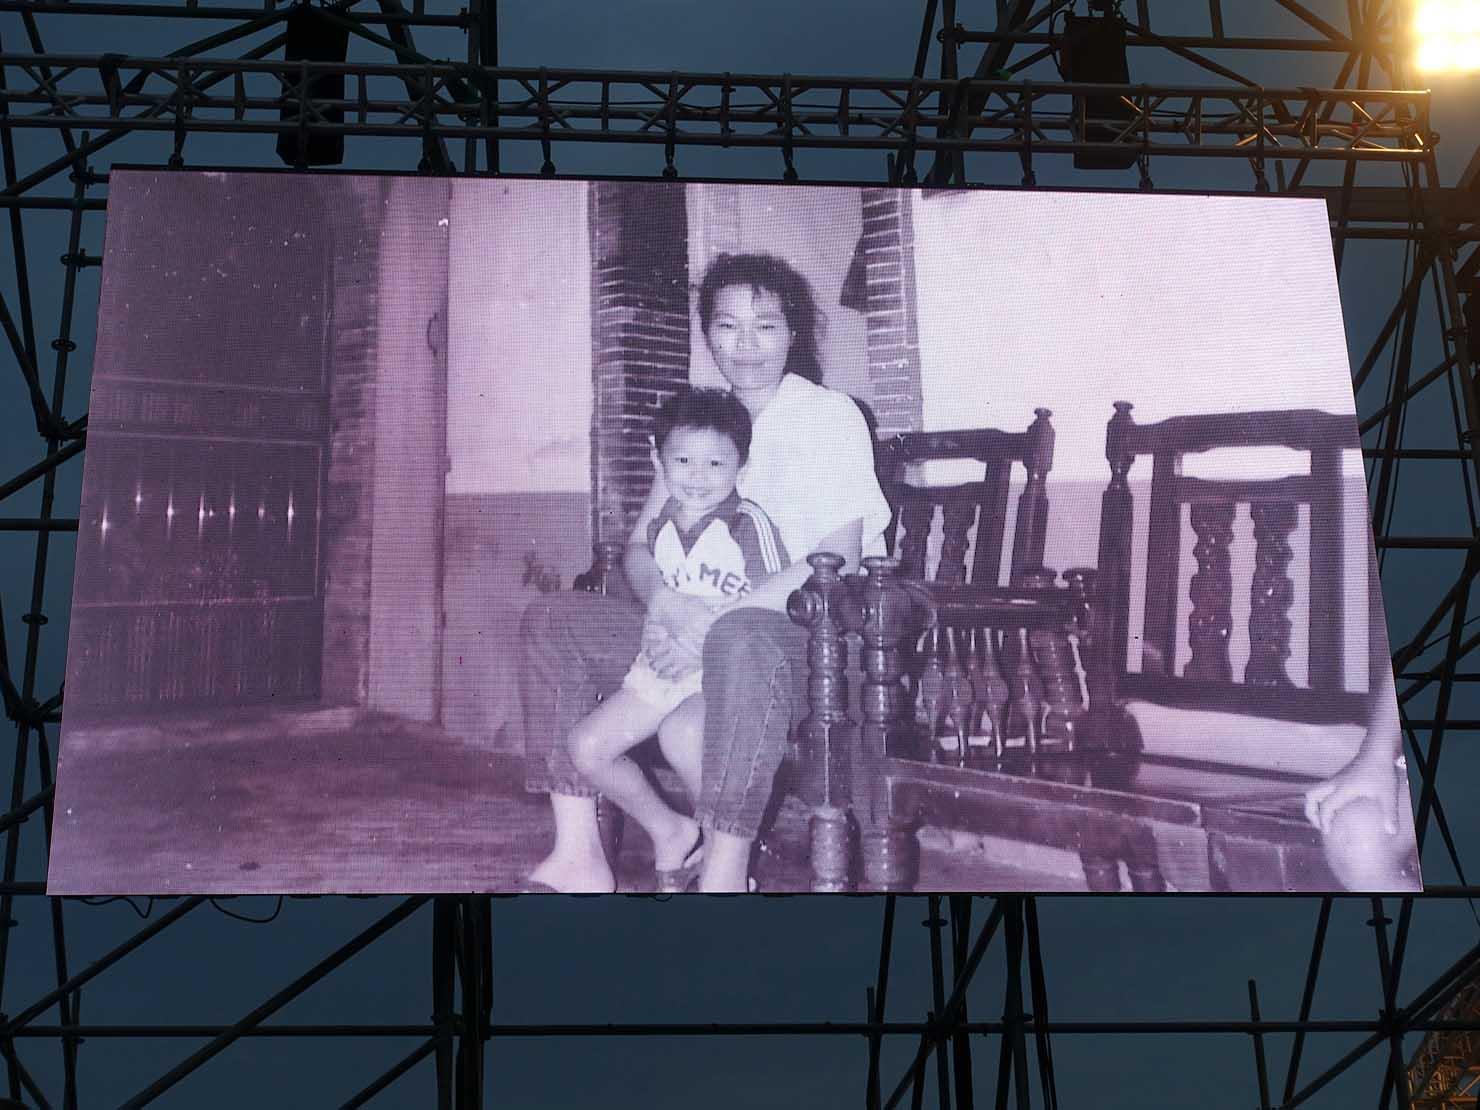 台湾のLGBT音楽イベント『為愛返家音樂會』会場のモニターに表示される葉永鋕さんとその母親